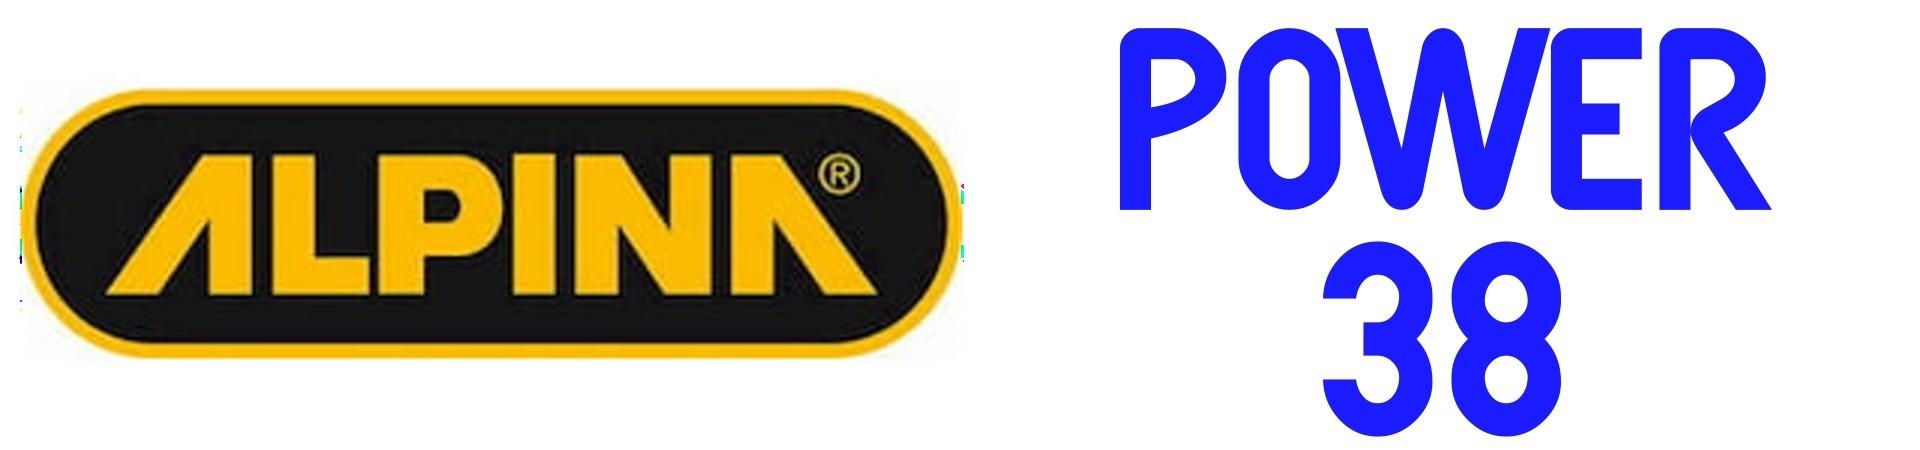 RECAMBIOS para Desbrozador Alpina POWER 38 con Mejor PRECIO del Mercado